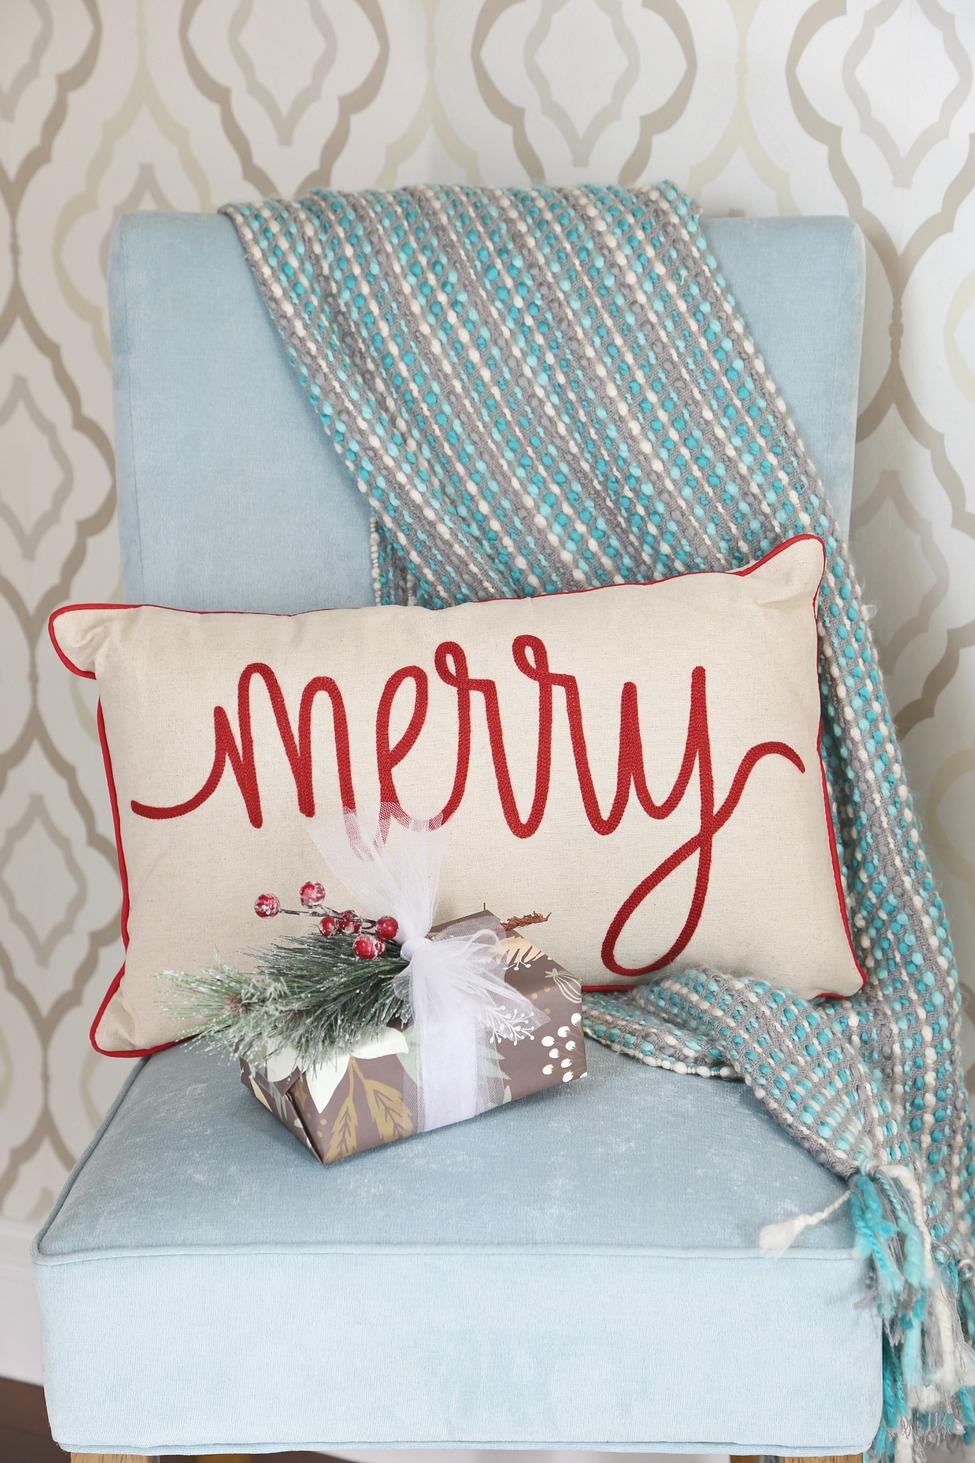 Merry pillow from Kirkland's